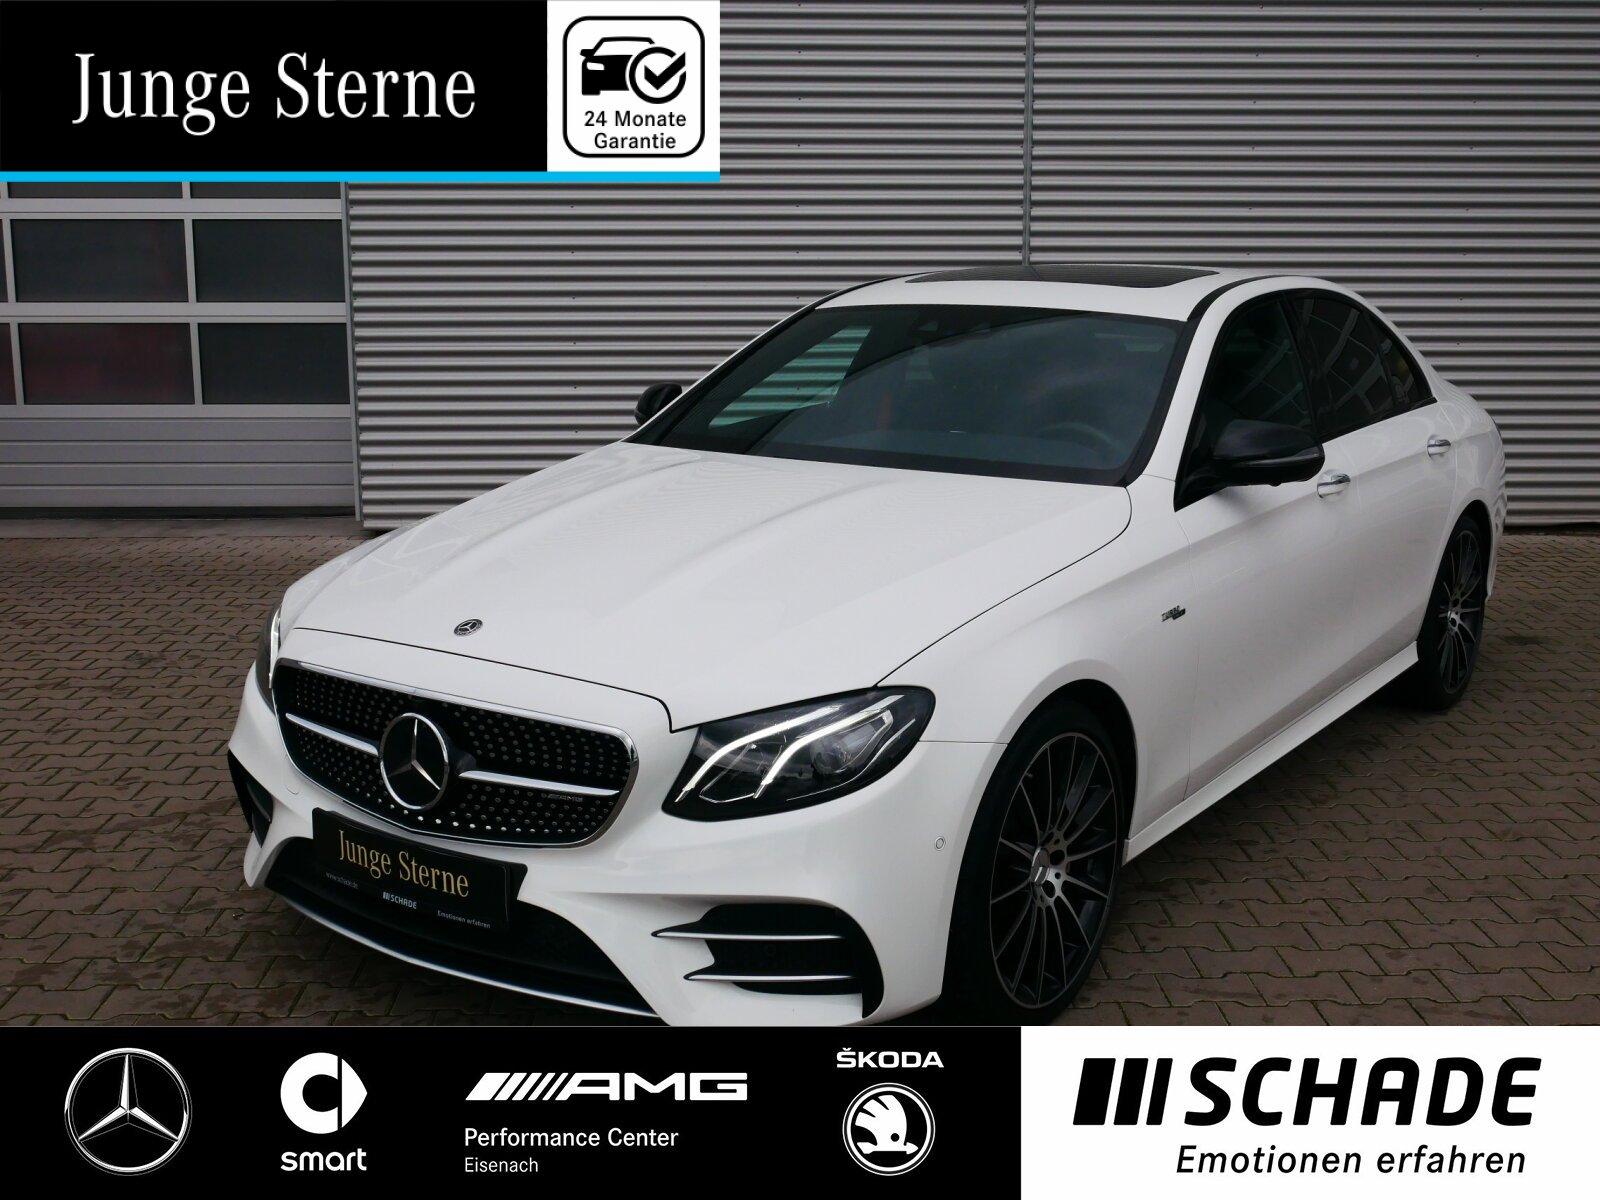 Mercedes-Benz E 53 AMG 4M+ *NP.:101.066*Widescreen*Distronic*, Jahr 2018, Benzin